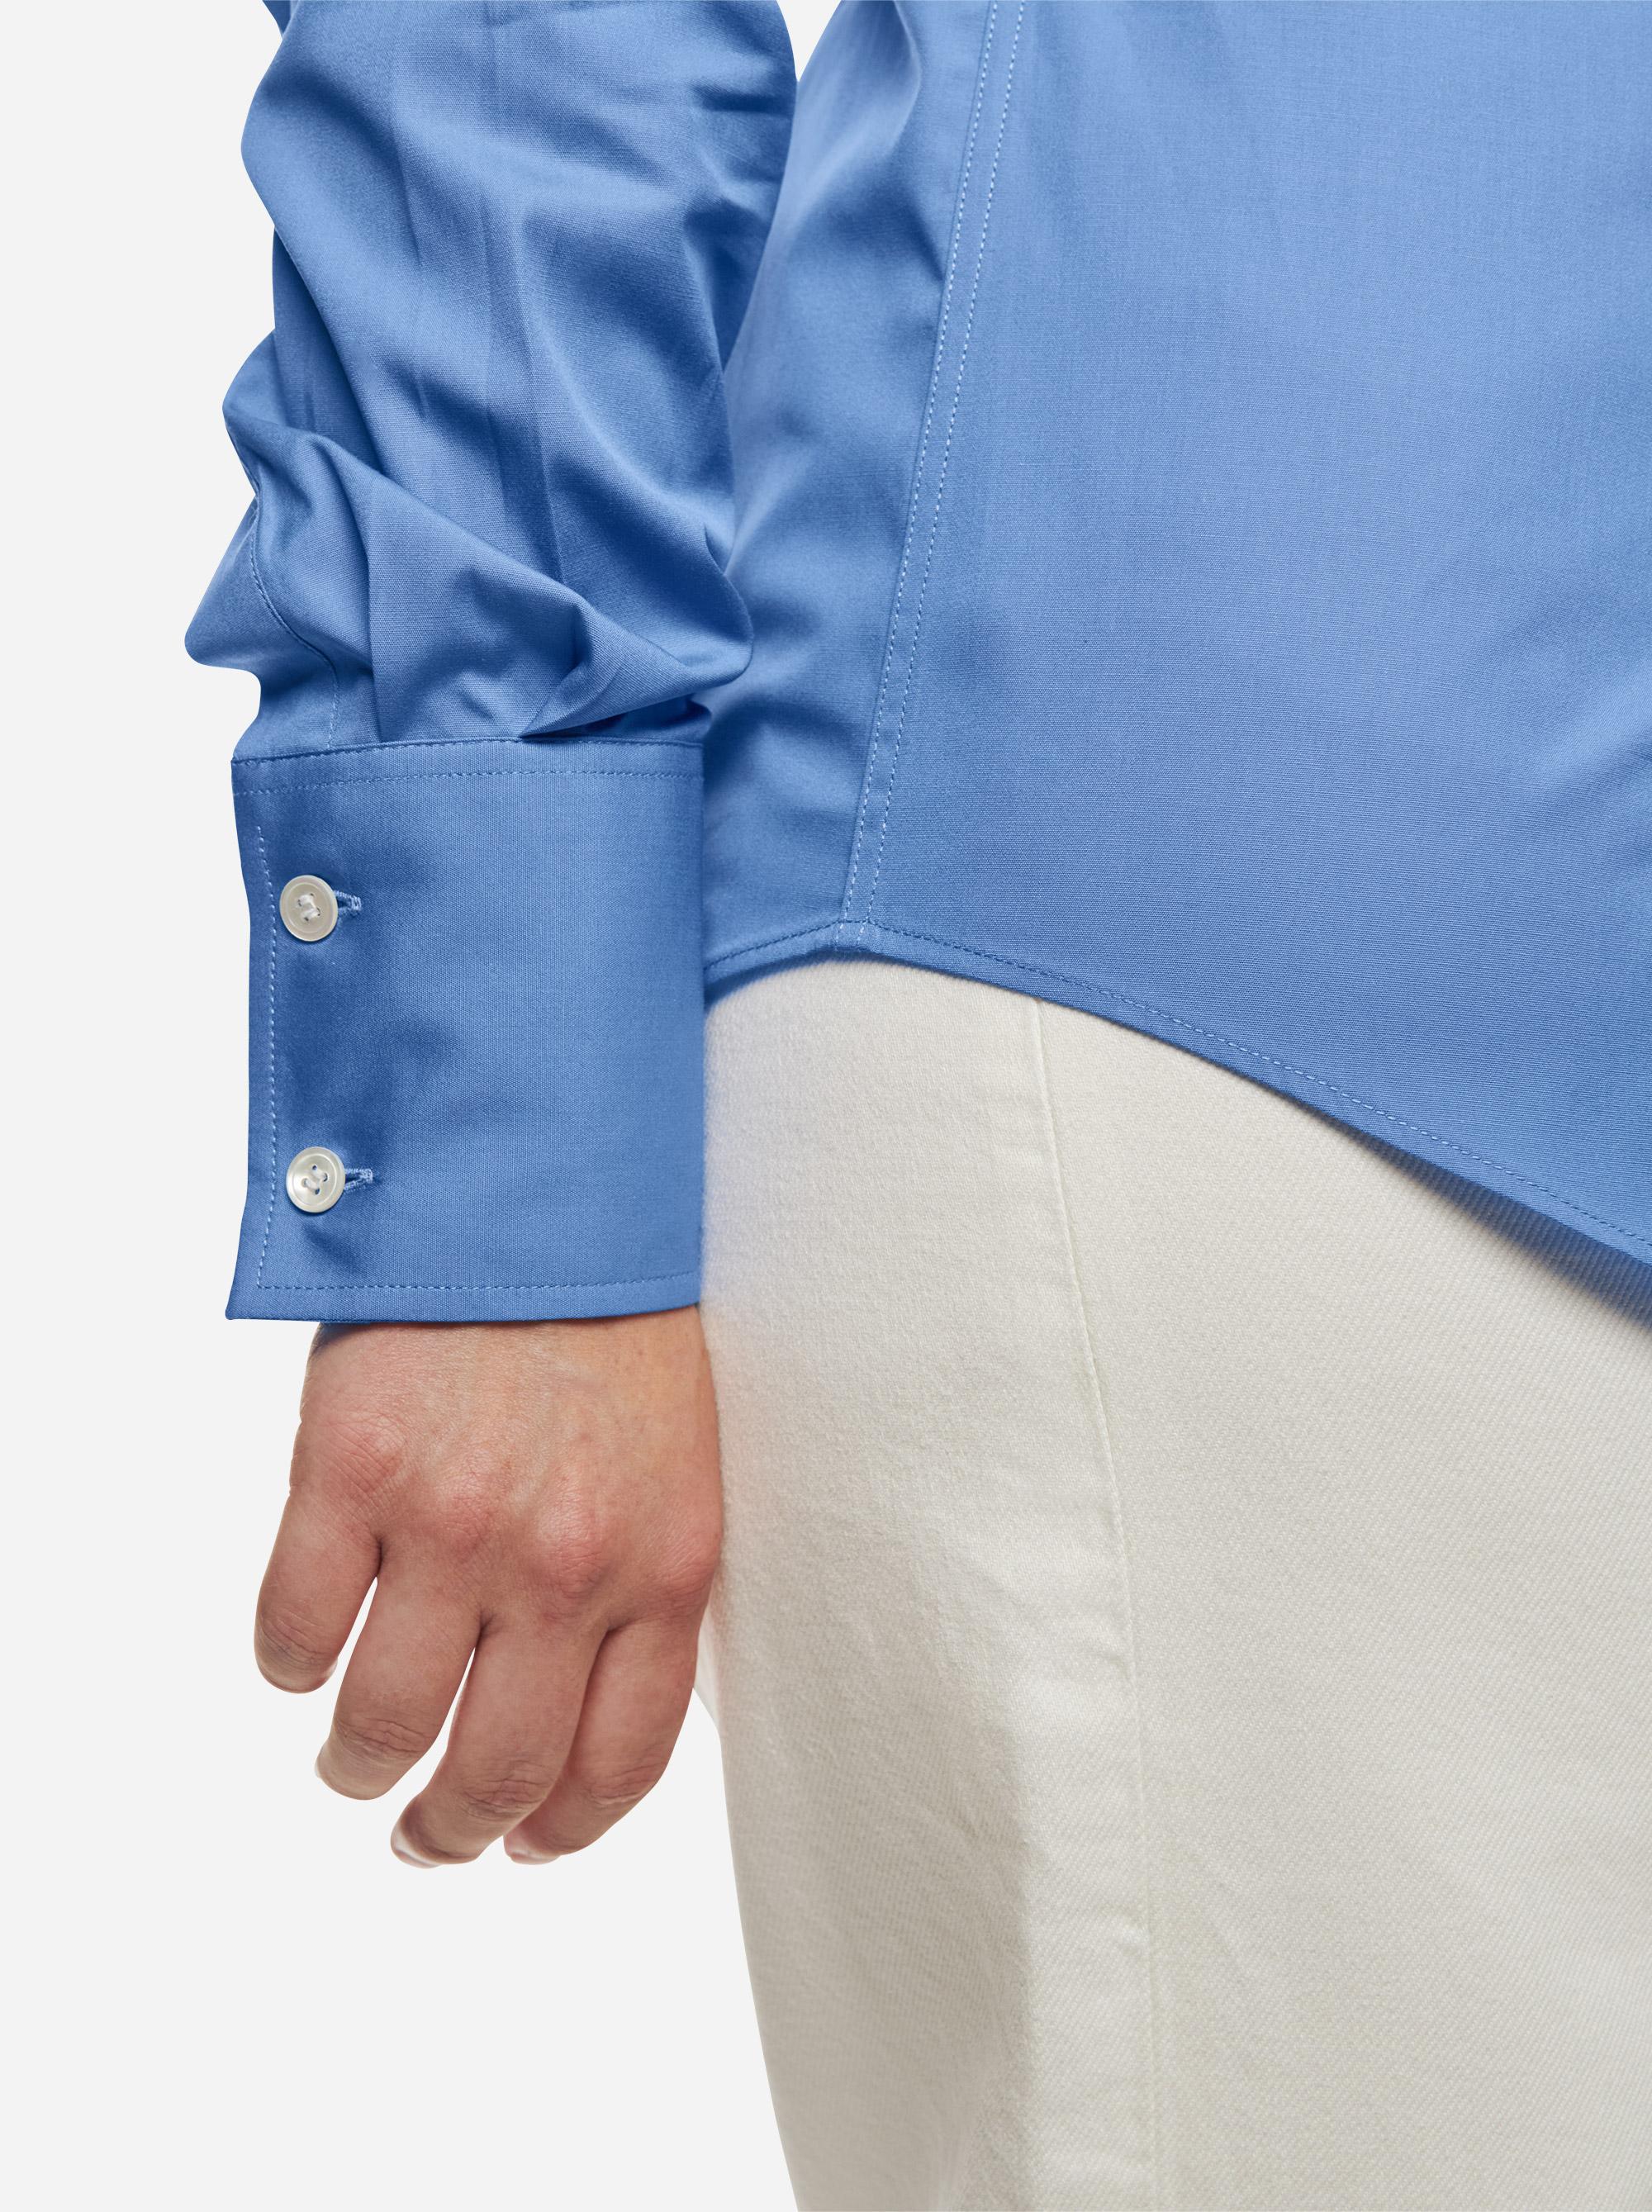 Teym-Shirt-Blue-women-4